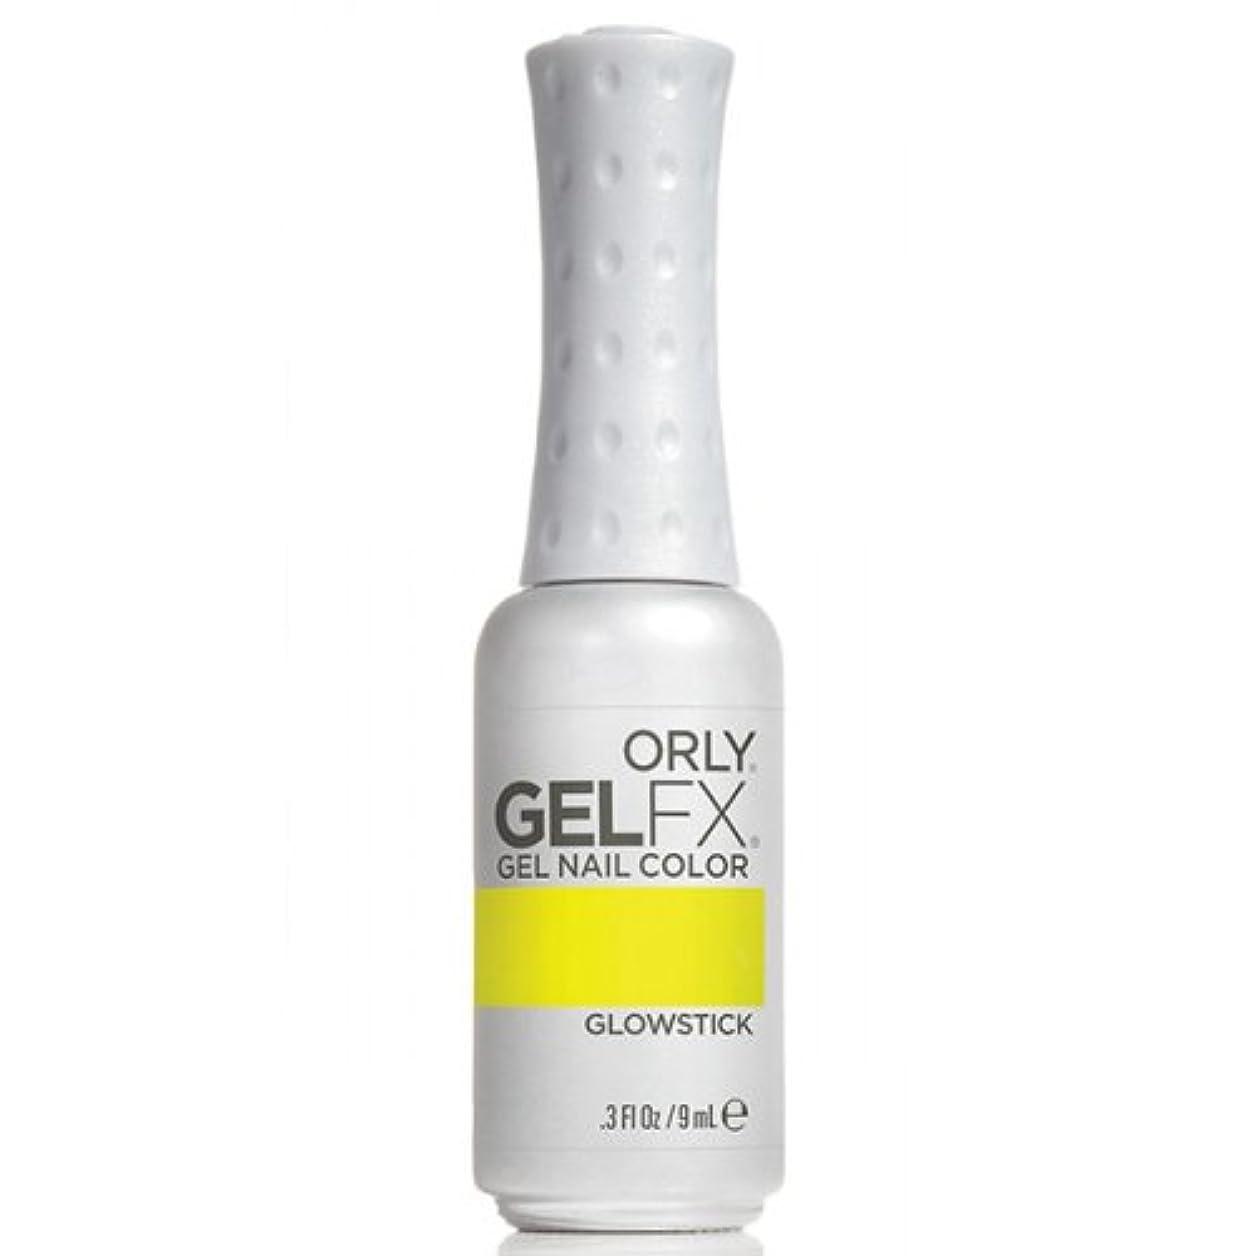 変換する引退するスケートORLY(オーリー) ジェル FX ネイルラッカー 9ml Glowstick #30765